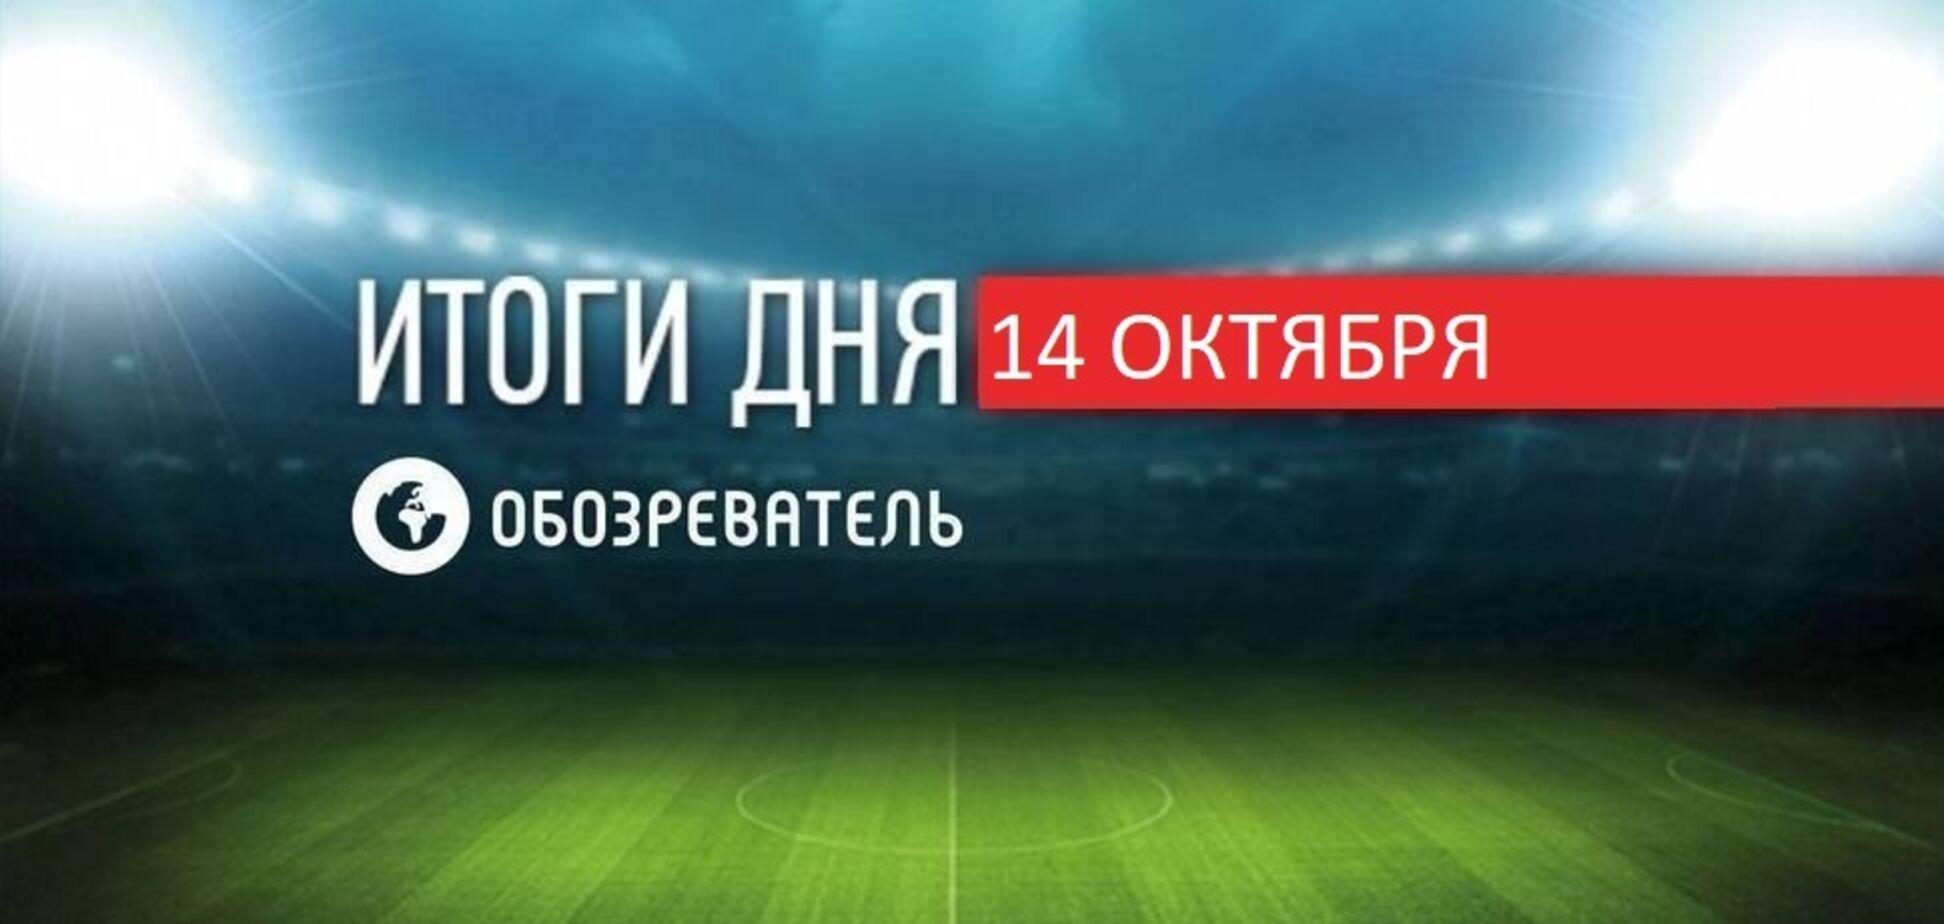 Суркис поблагодарил Луческу за победу Украины над Испанией: спортивные итоги 14 октября